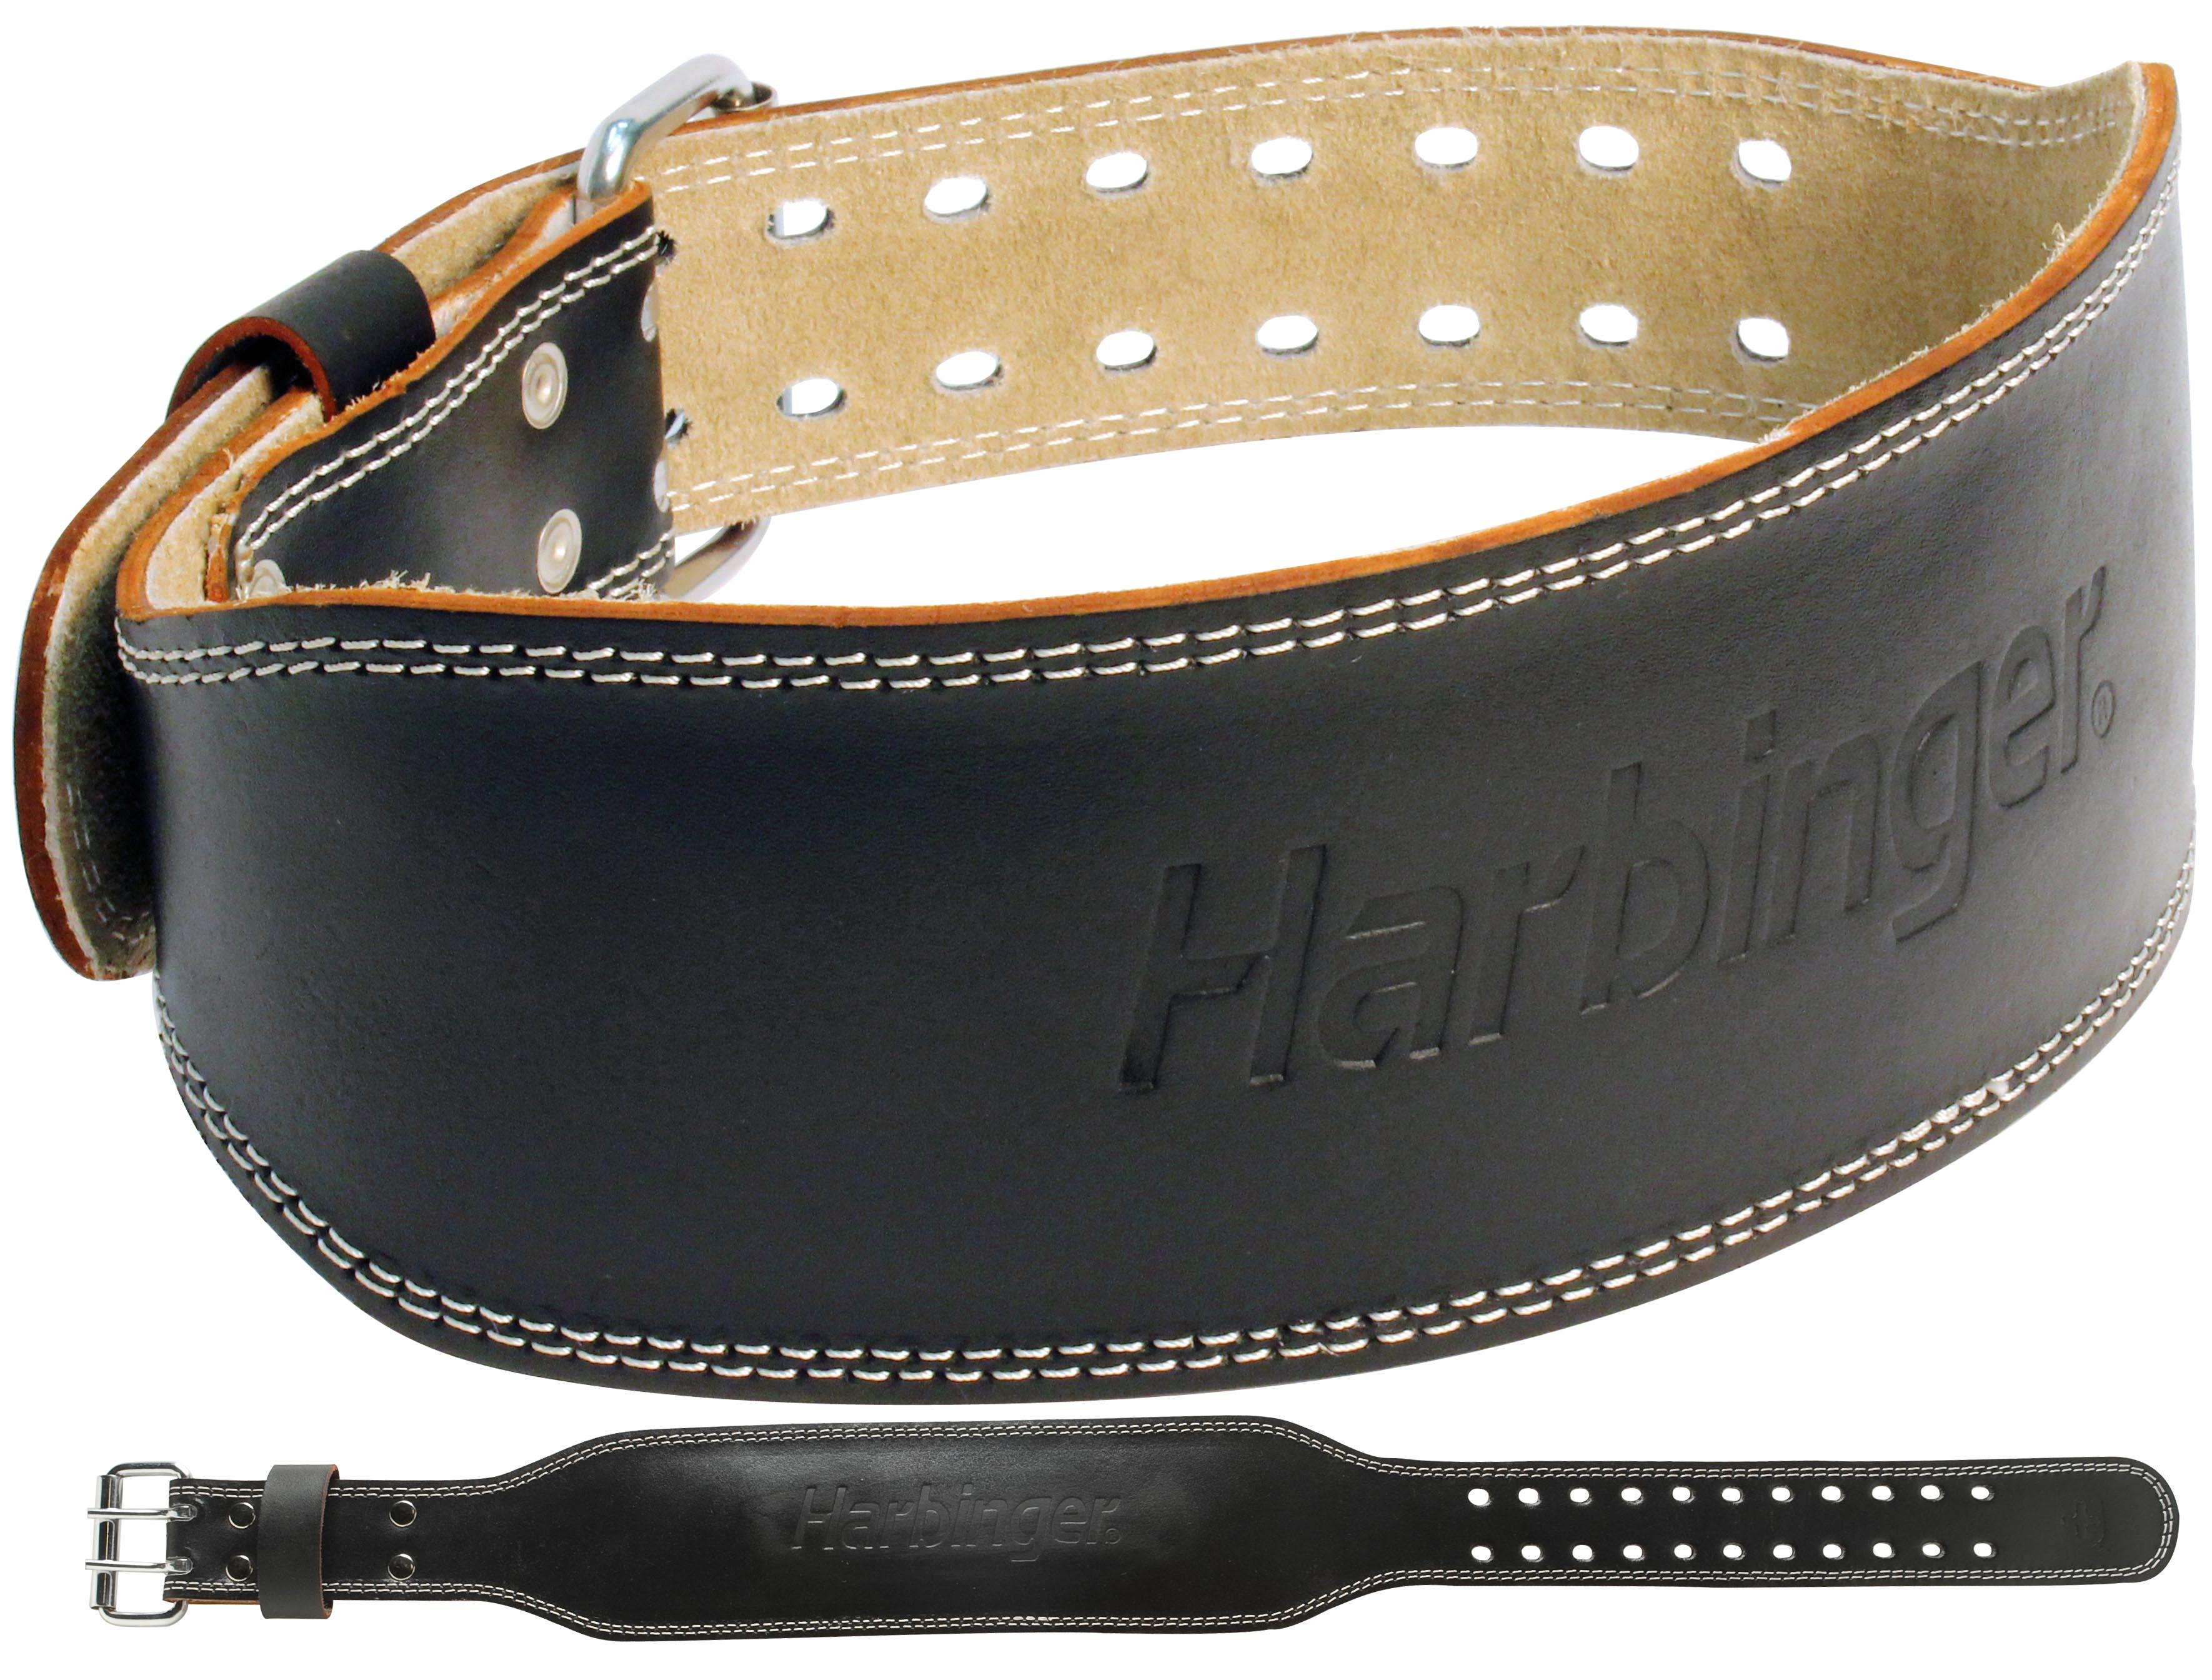 Harbinger Fitness Harbinger 4 Inch Padded Leather Belt - L